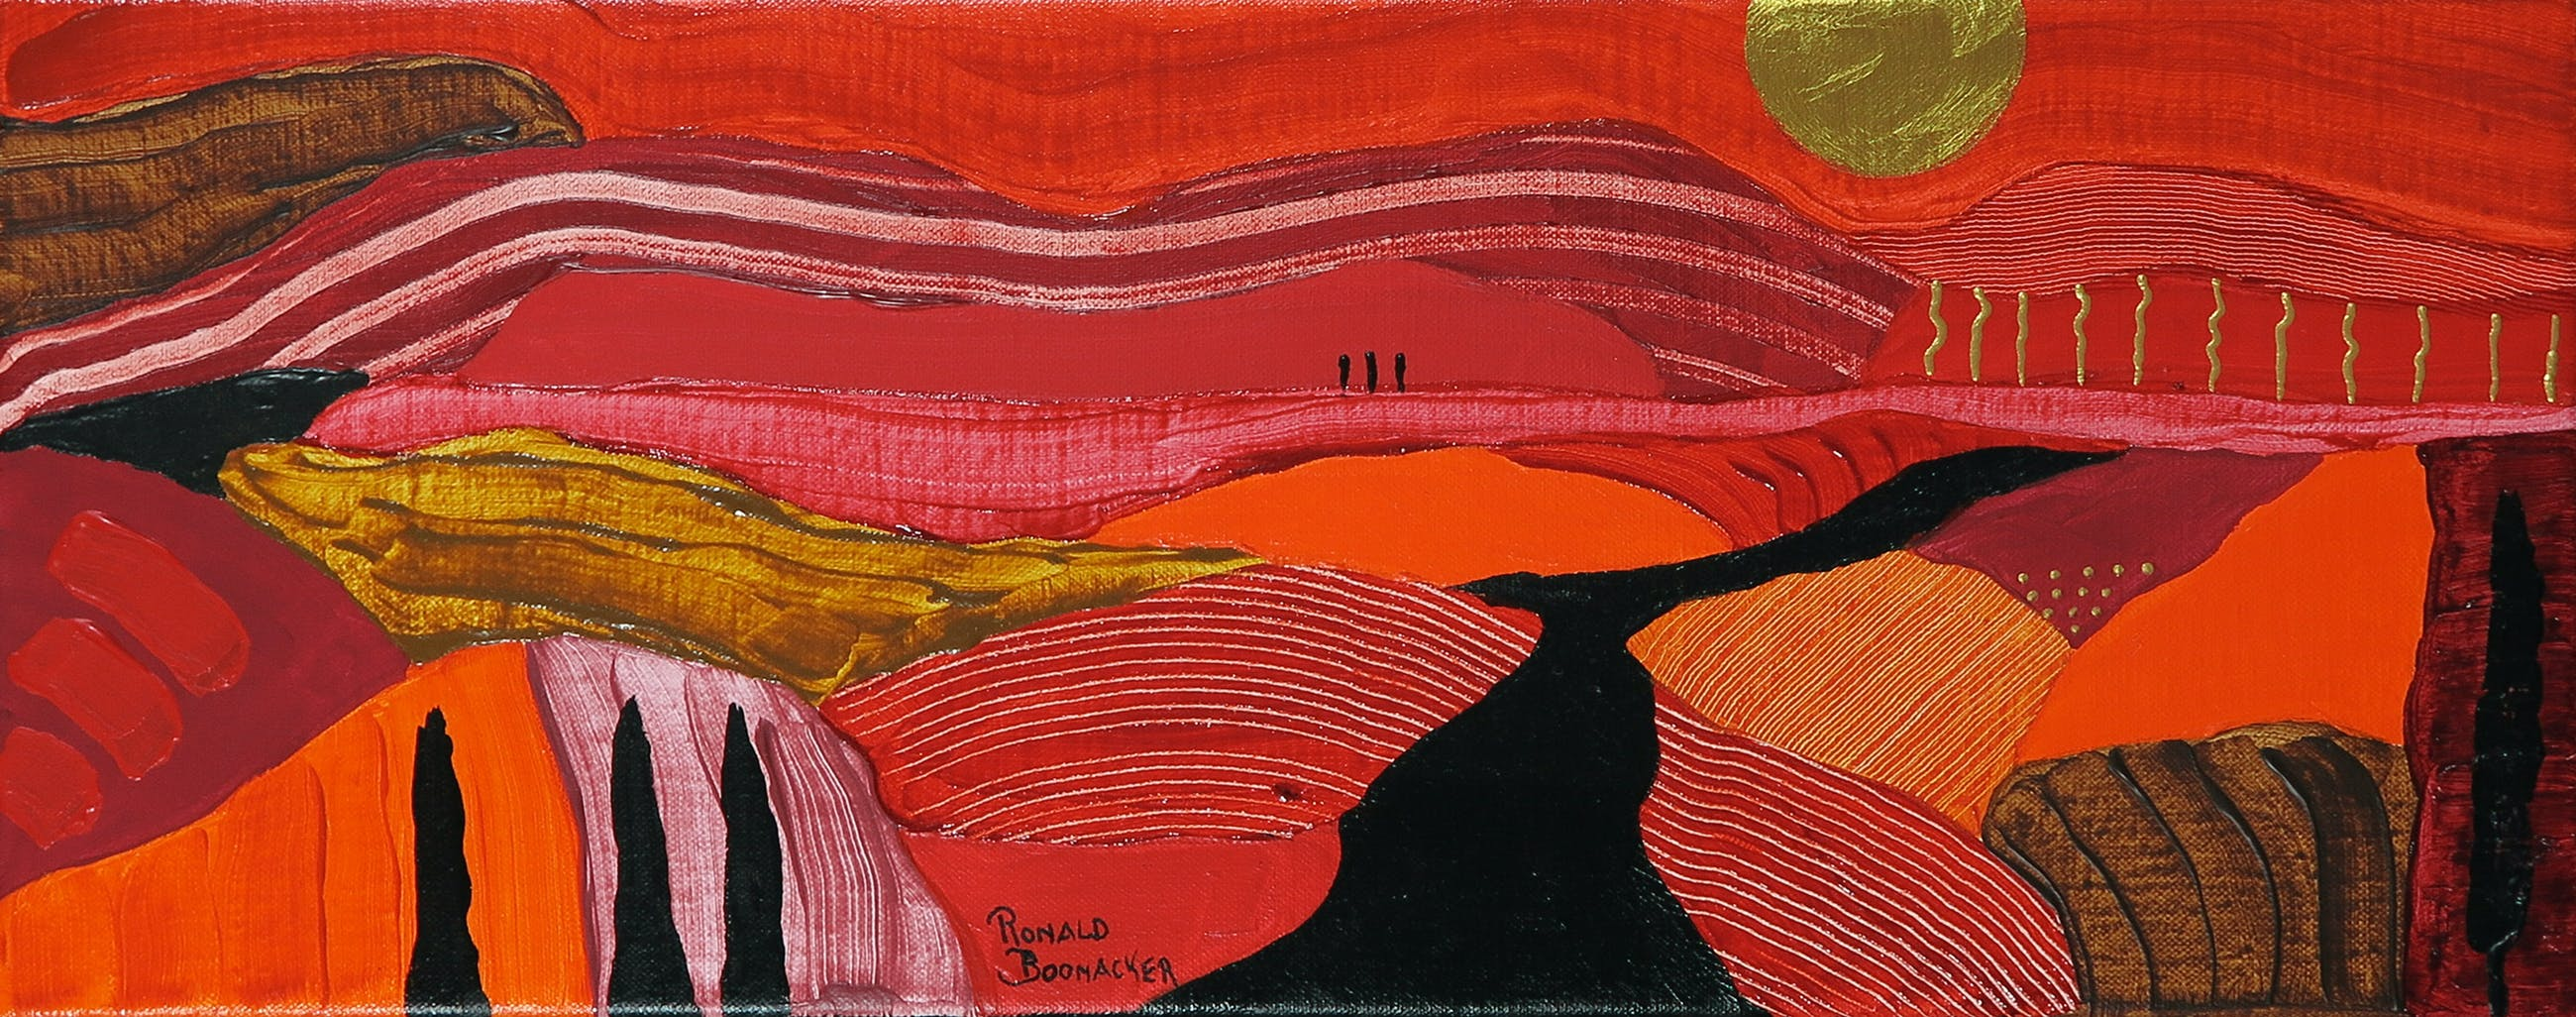 Ronald Boonacker - Acryl op doek, Italiaans landschap kopen? Bied vanaf 100!